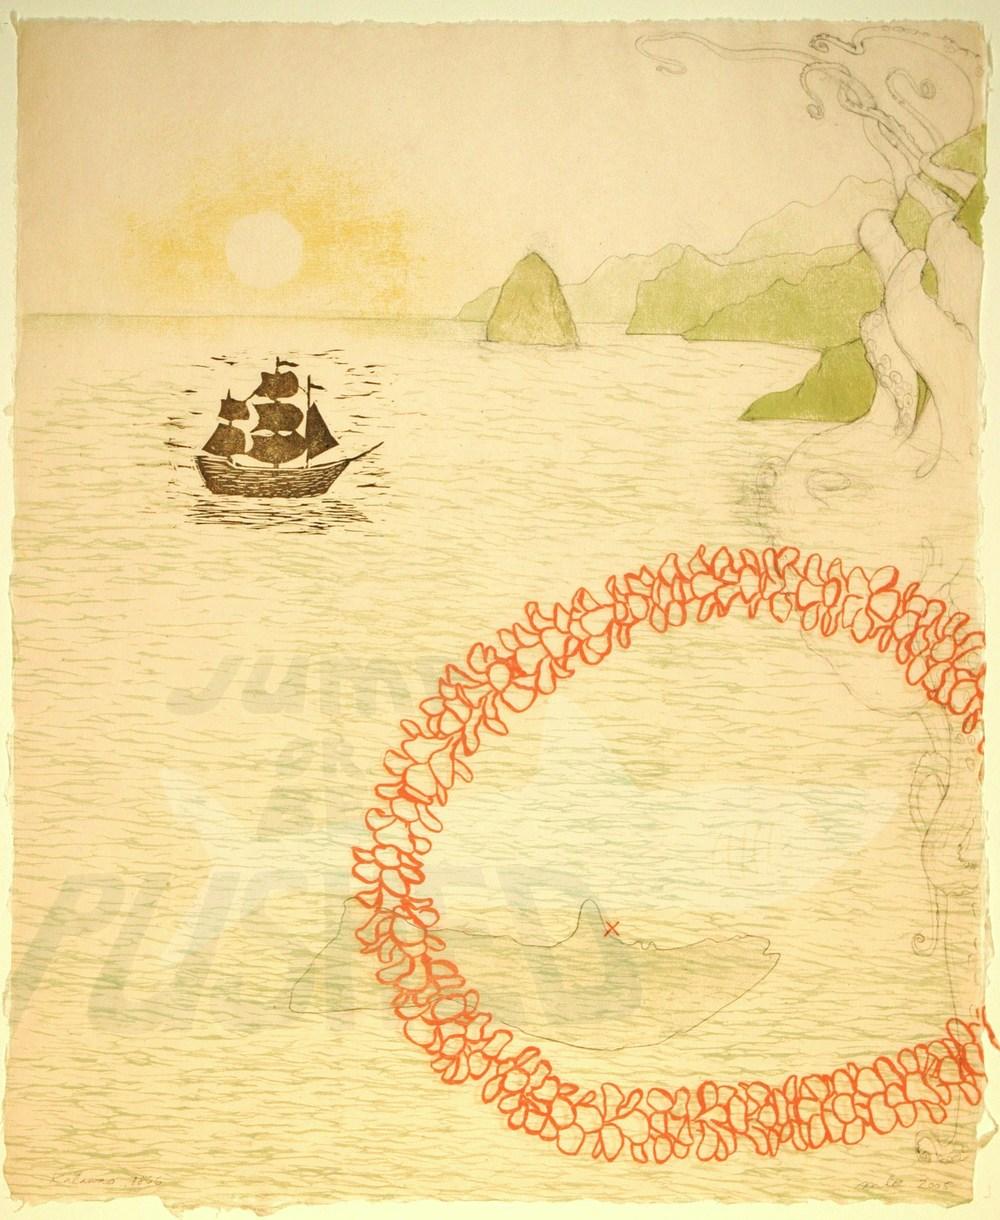 Kalawao 1866.jpg